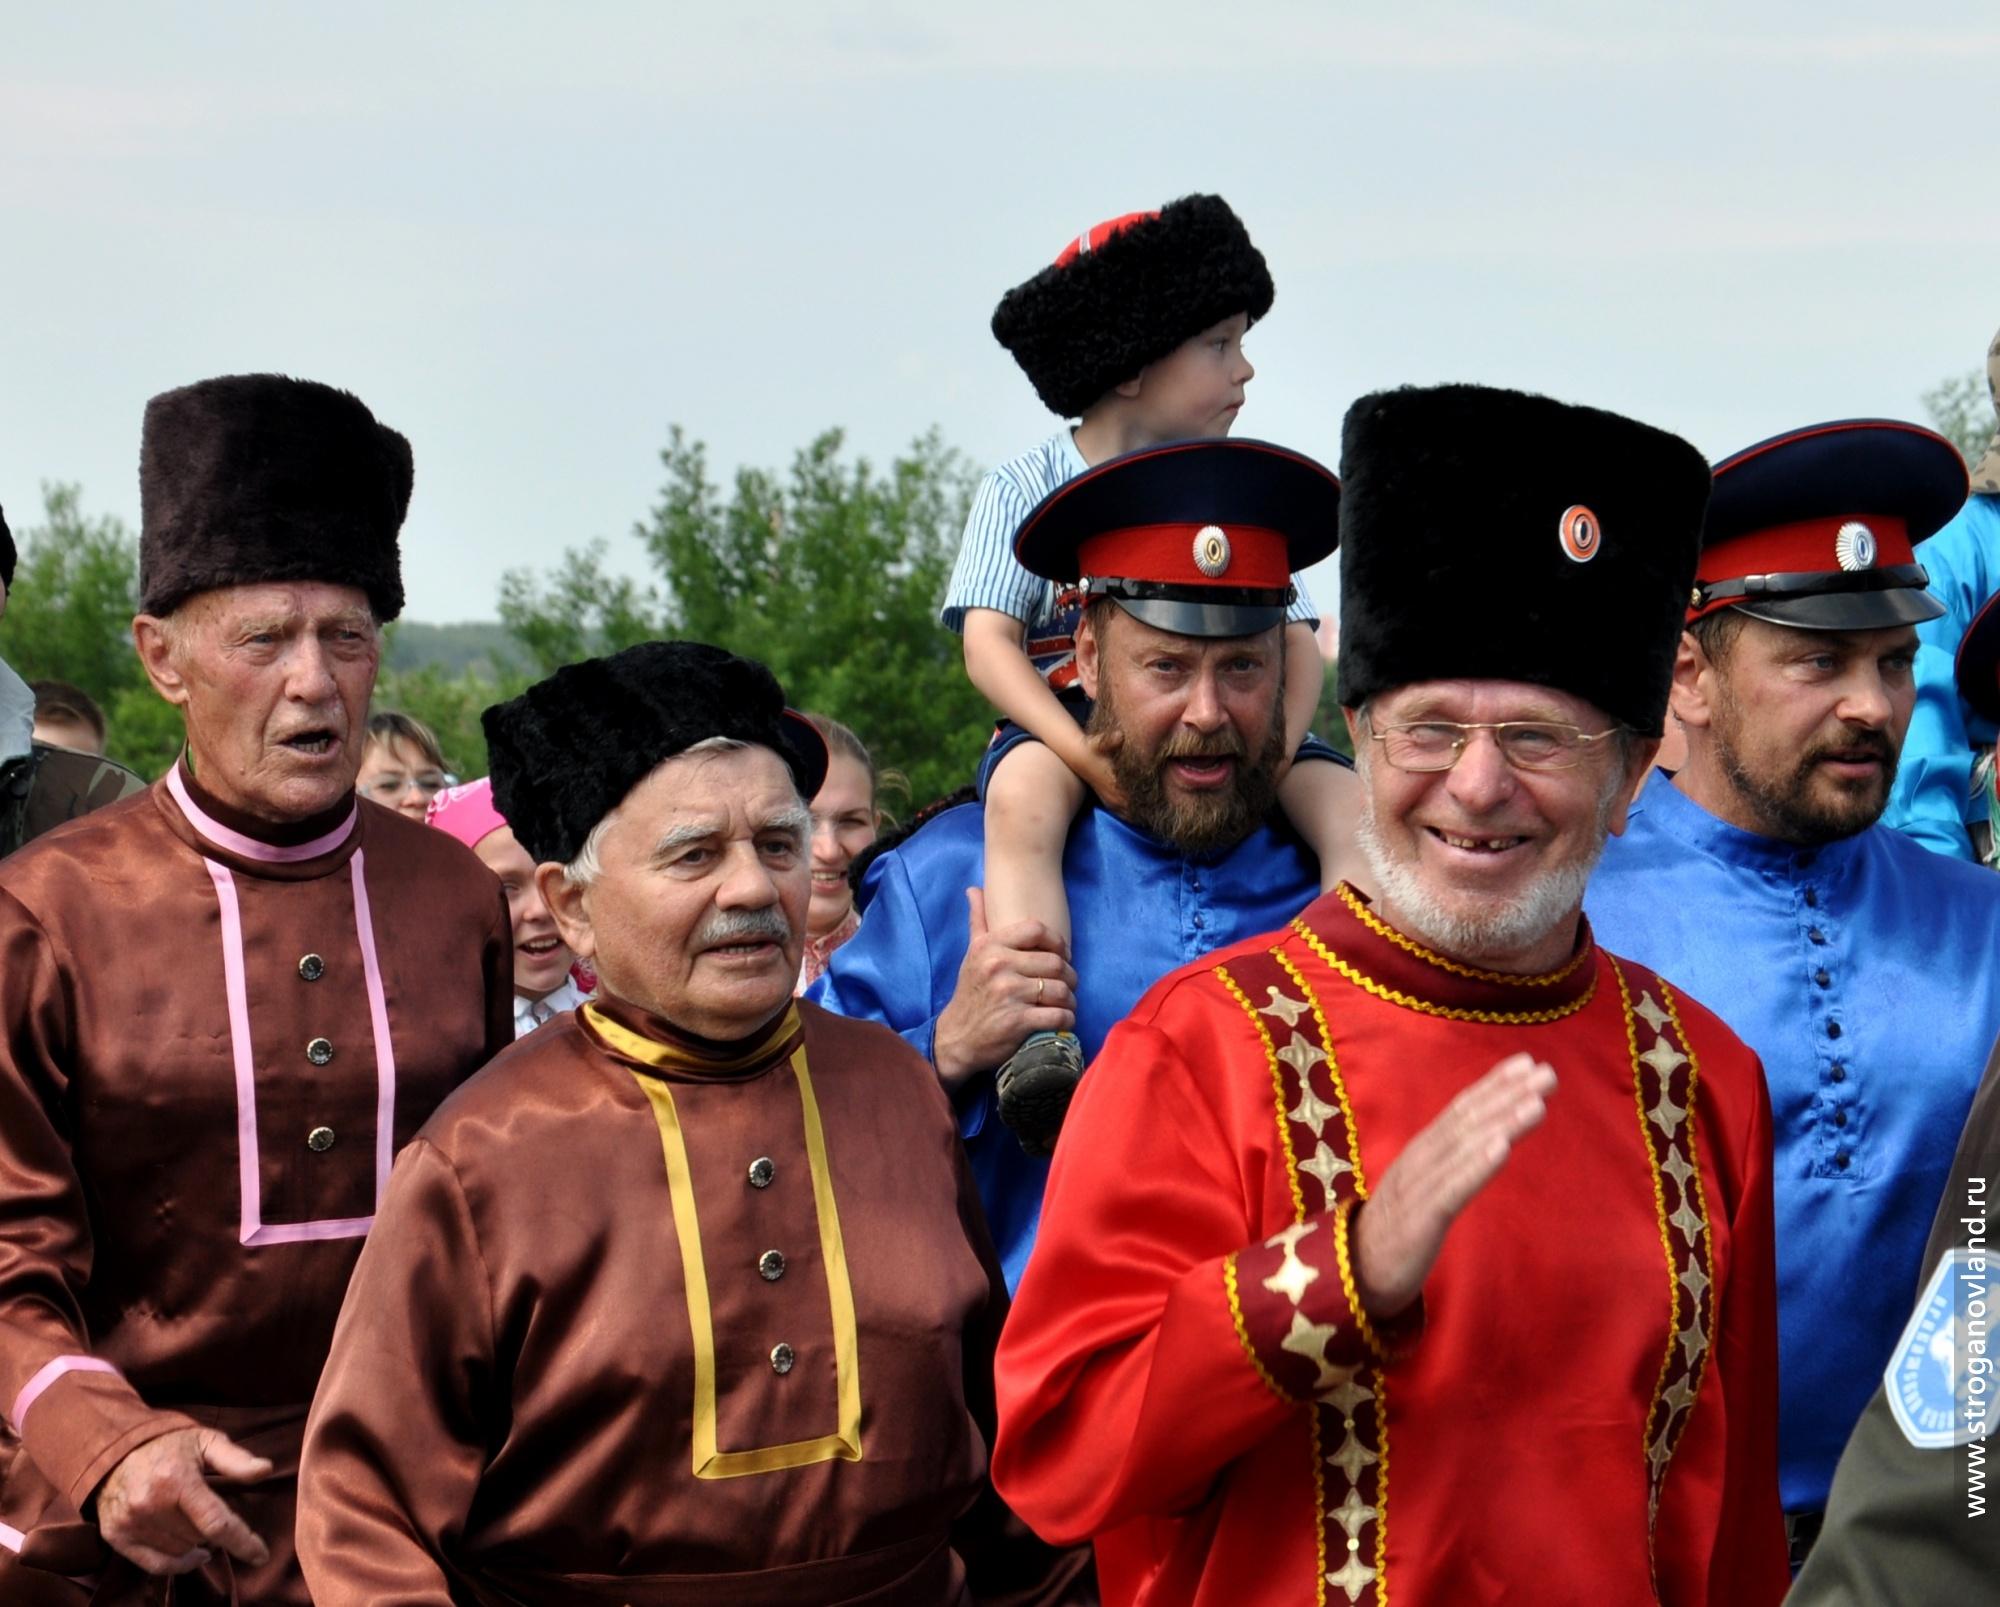 обмундирование уральского казачества картинки фото